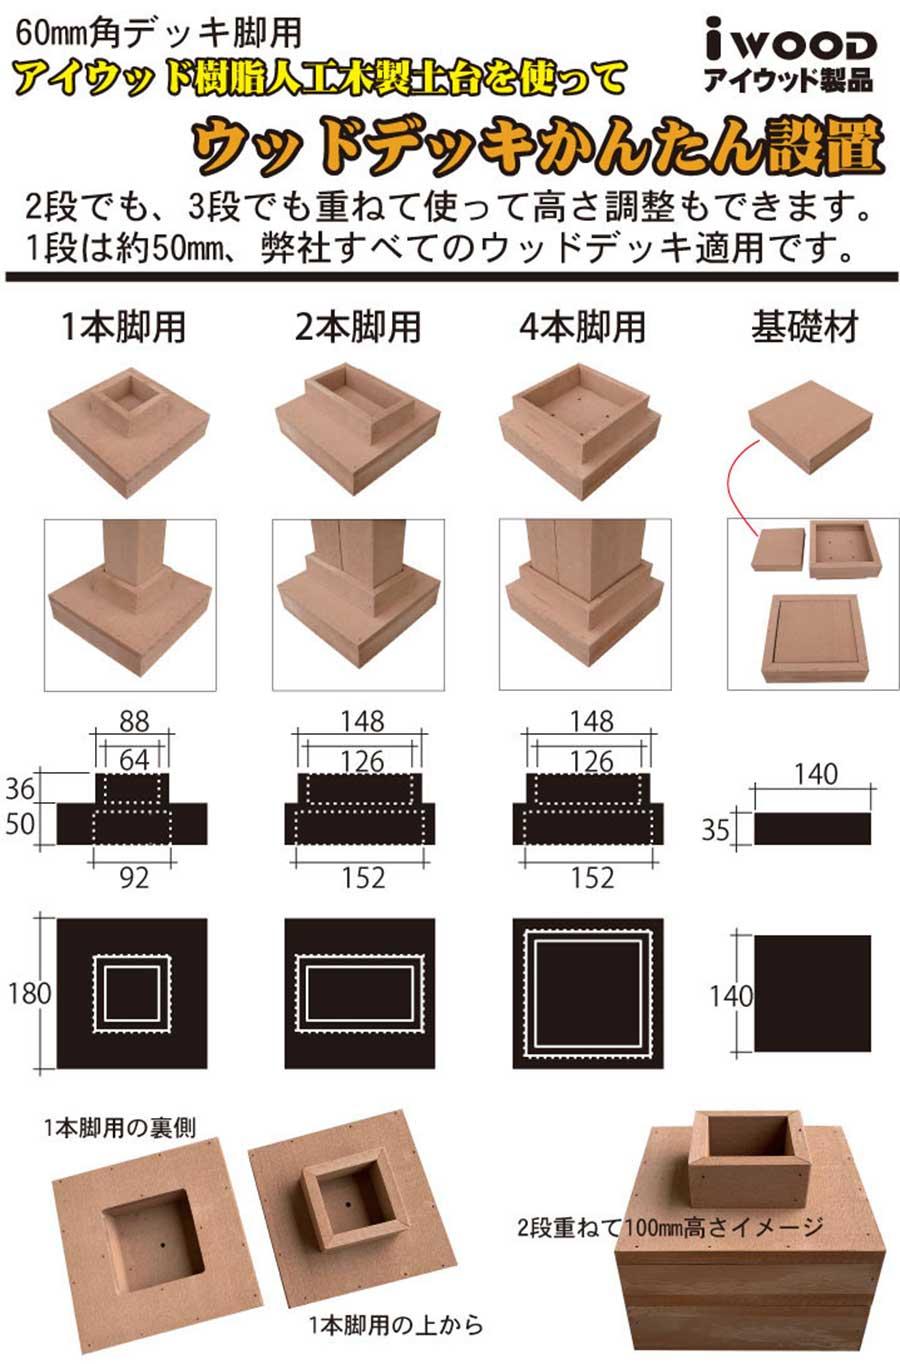 60mm角デッキ脚用アイウッド土台を使ってウッドデッキかんたん設置。2段でも、3段でも重ねて使って高さ調整もできます。1段は約50mm。弊社すべてのウッドデッキに適用です。